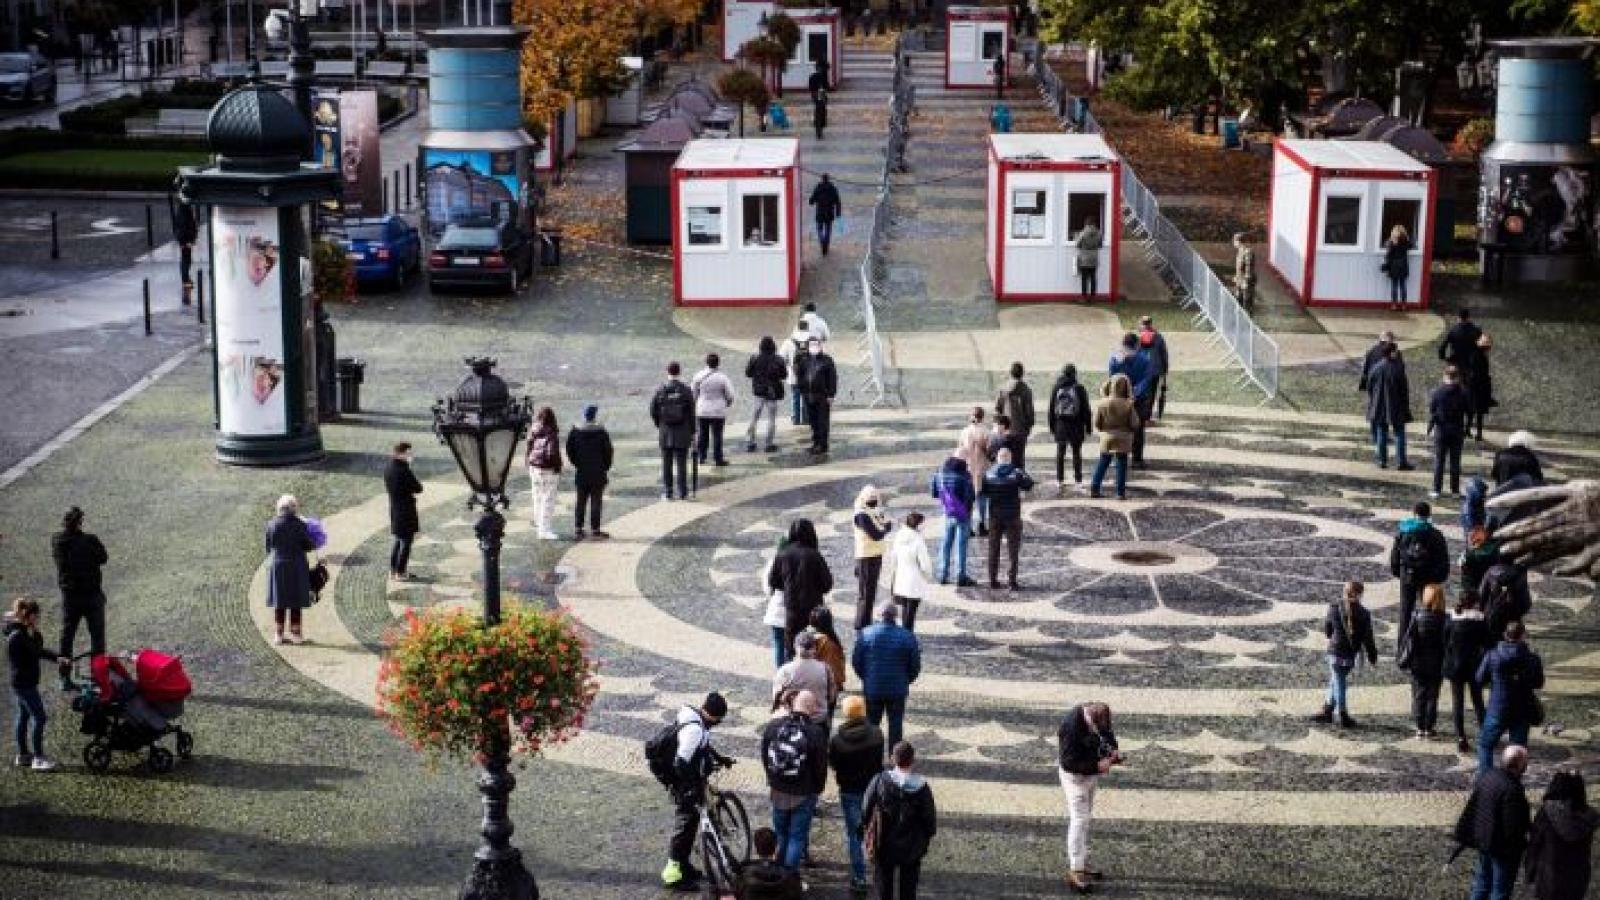 Slovakia ghi nhận tín hiệu lạc quan từ kế hoạch xét nghiệm Covid-19 toàn dân